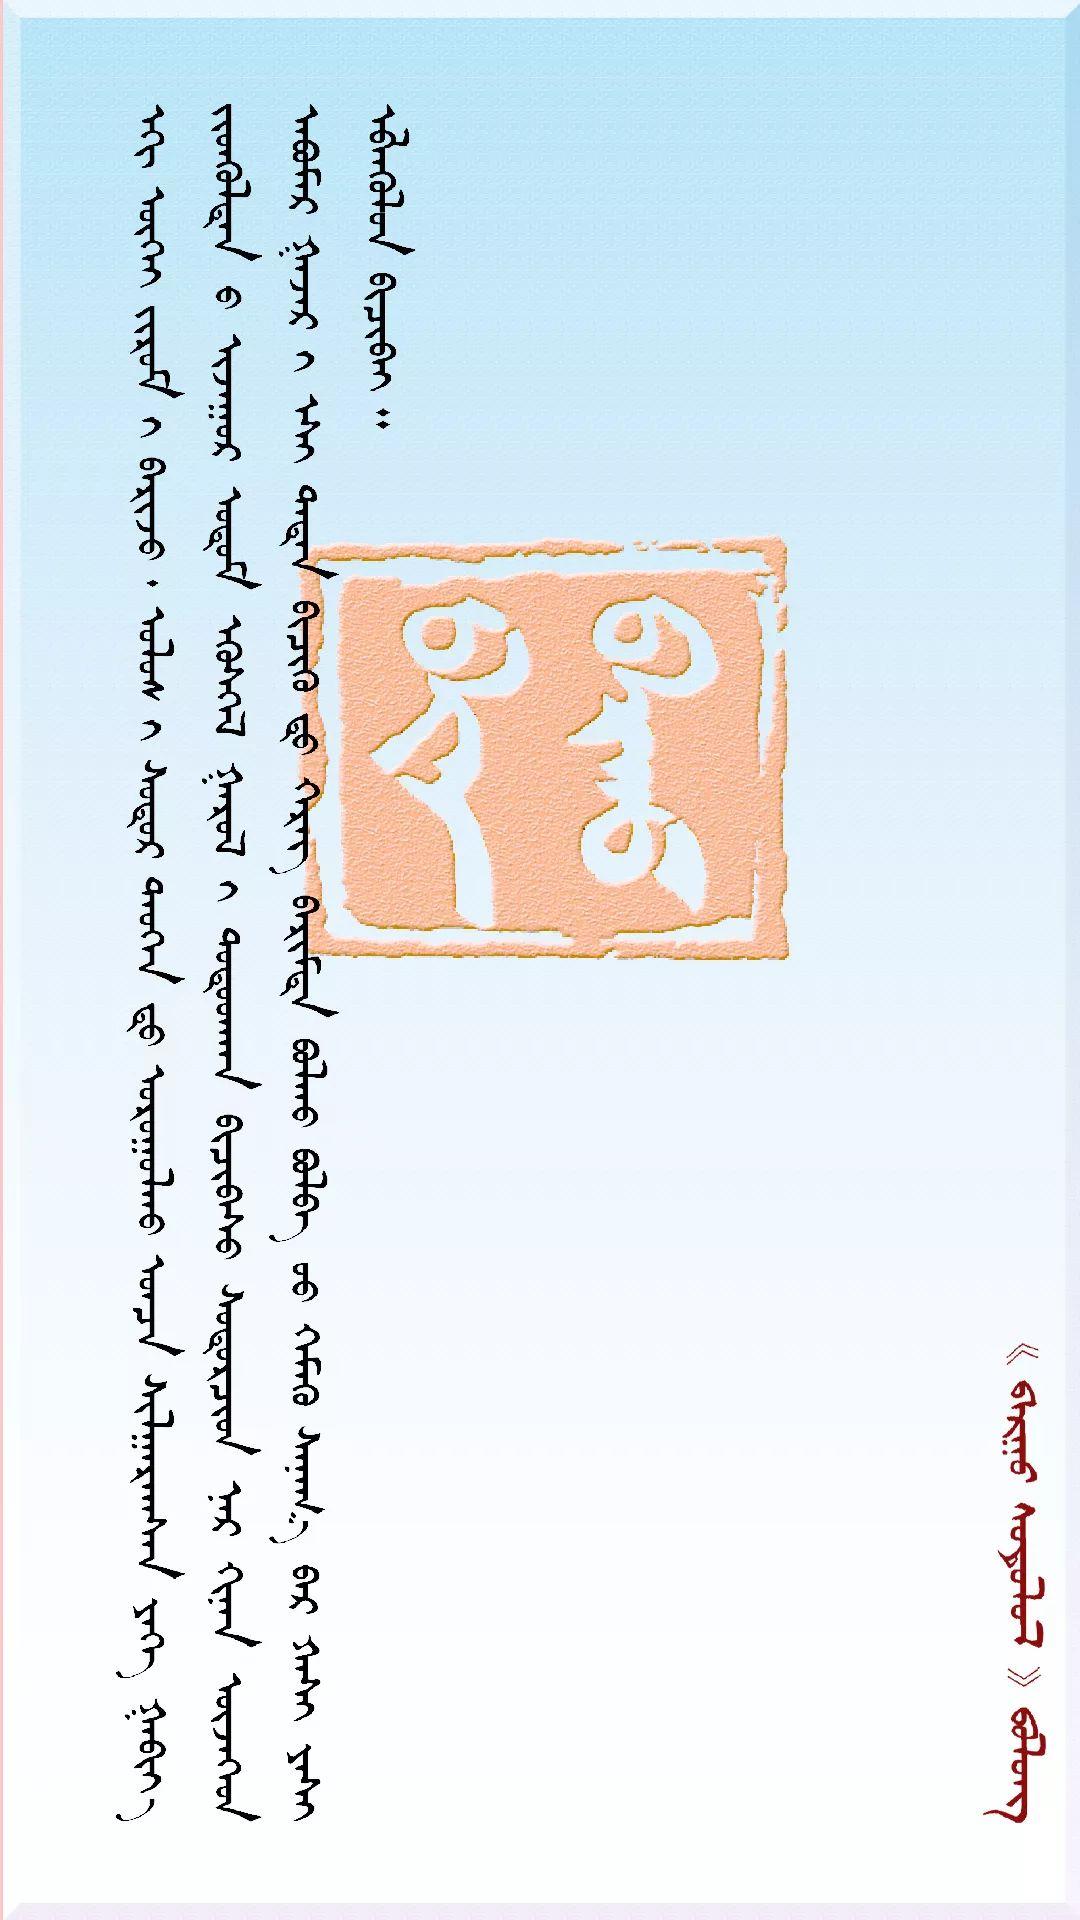 巴尔虎研究【第四期】 第14张 巴尔虎研究【第四期】 蒙古文化